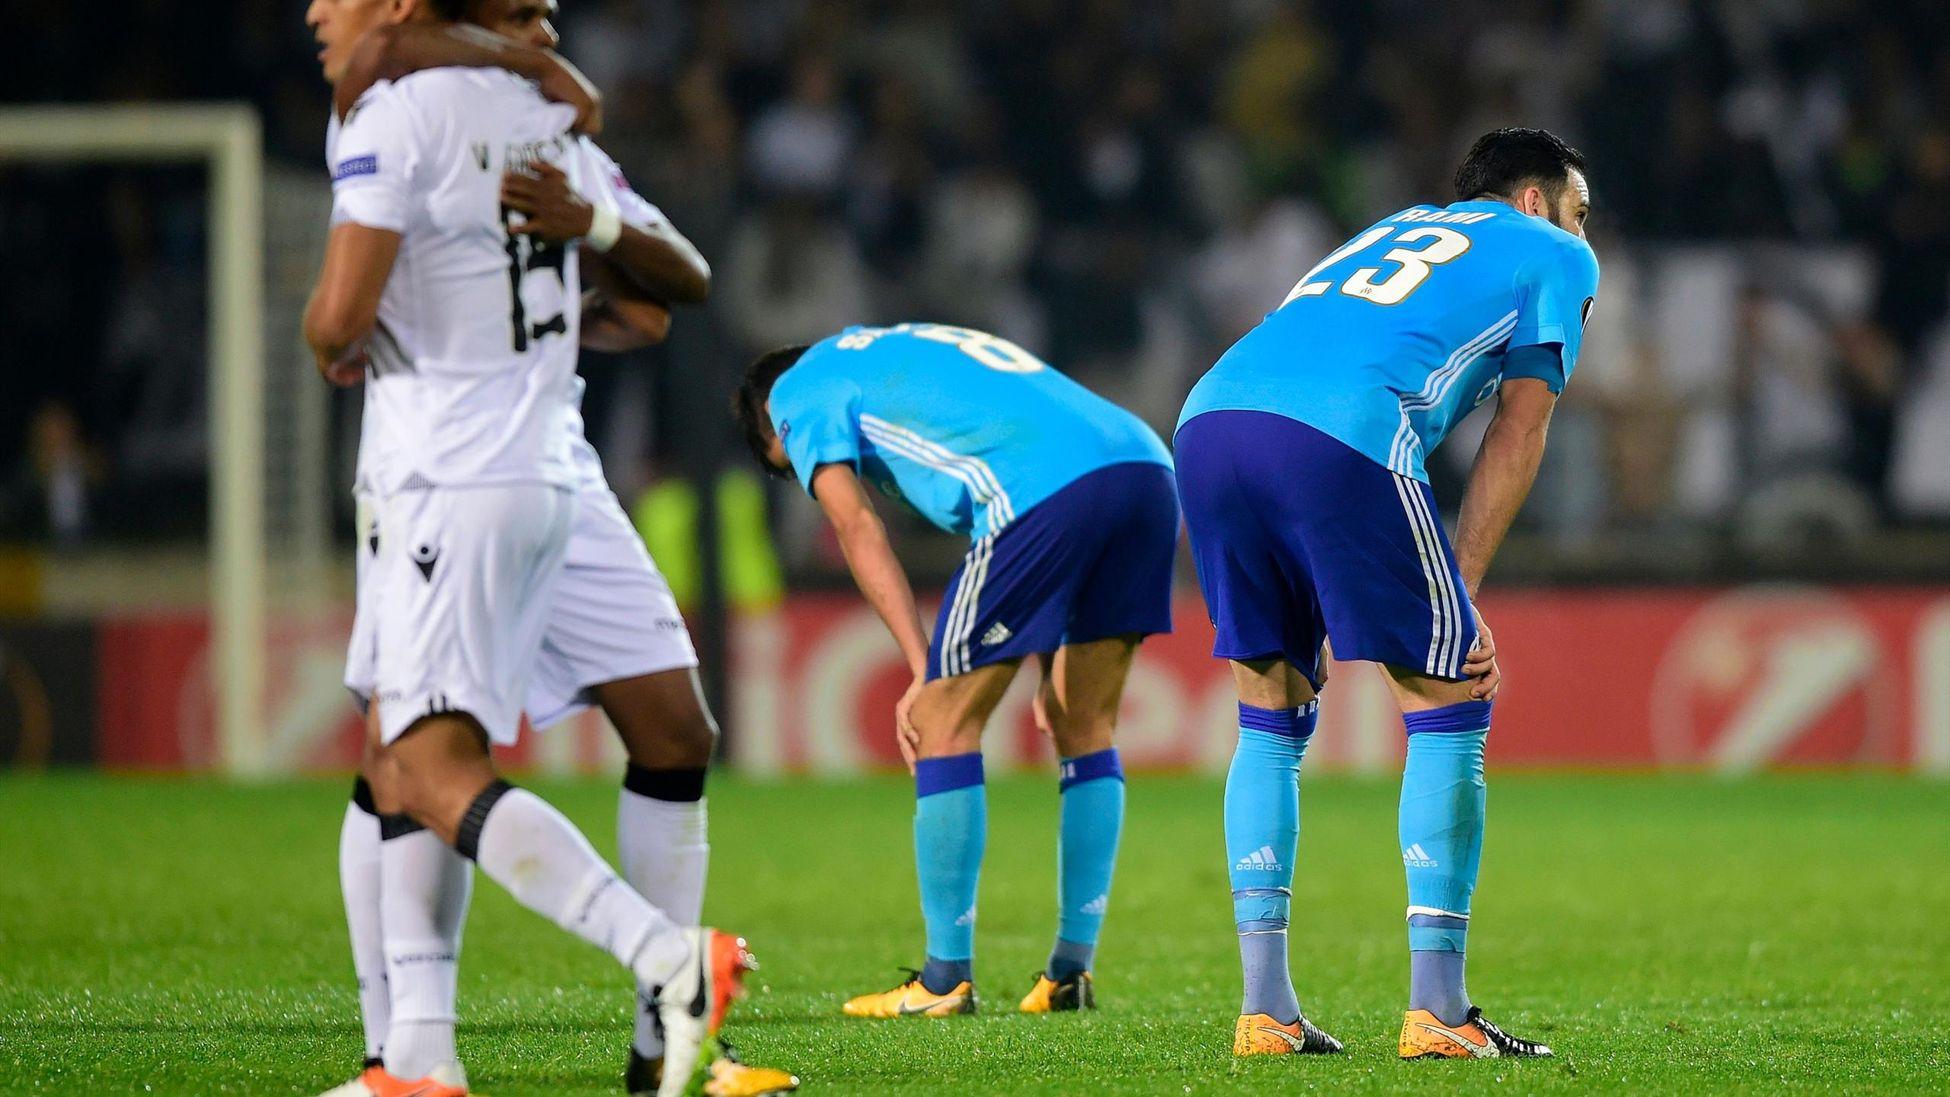 Video: Vitoria Guimaraes vs Olympique Marseille